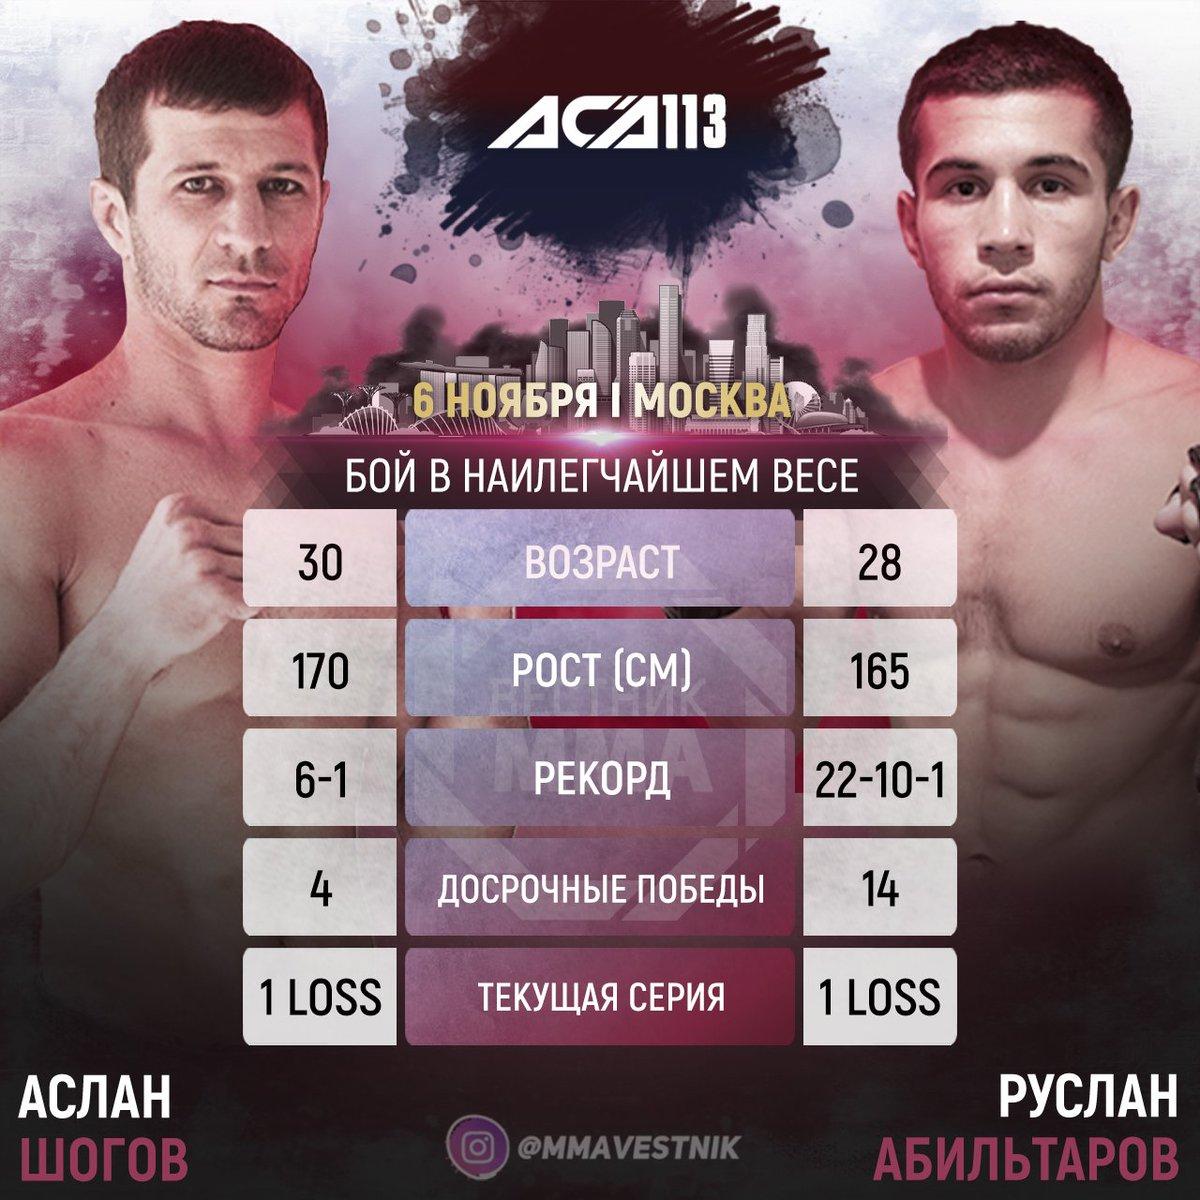 👊🏻 6 ноября Аслан Шогов (ACA 0-1) и Руслан Абильтаров (ACA 1-2) проведут бой в рамках турнира #ACA113 в Москве. https://t.co/wIl46R66pI